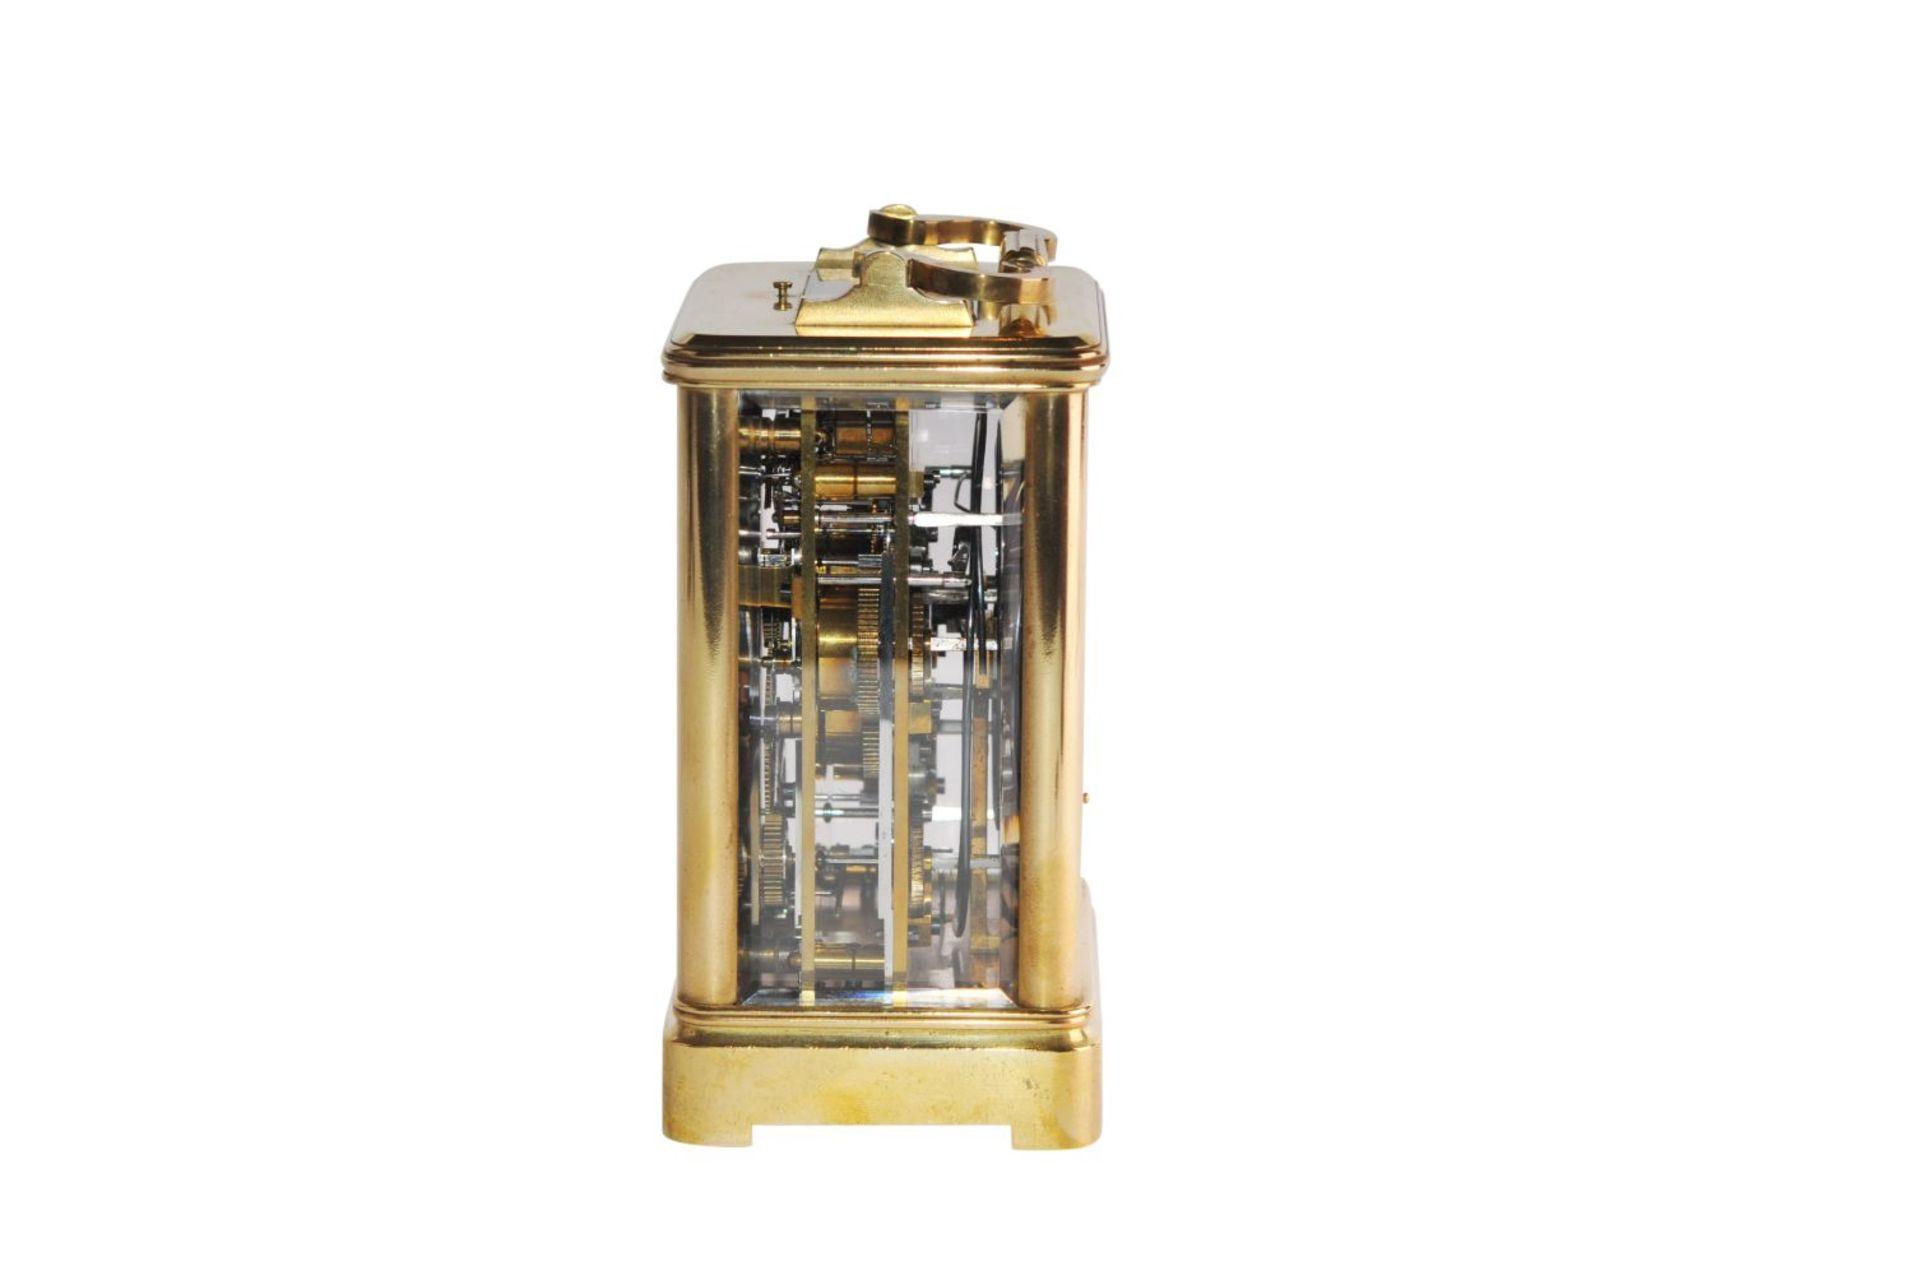 Los 60 - Vienna Travelclock Ignaz Marenzeller & Nachfolger signature 1889 13/9Decorative travel clock with